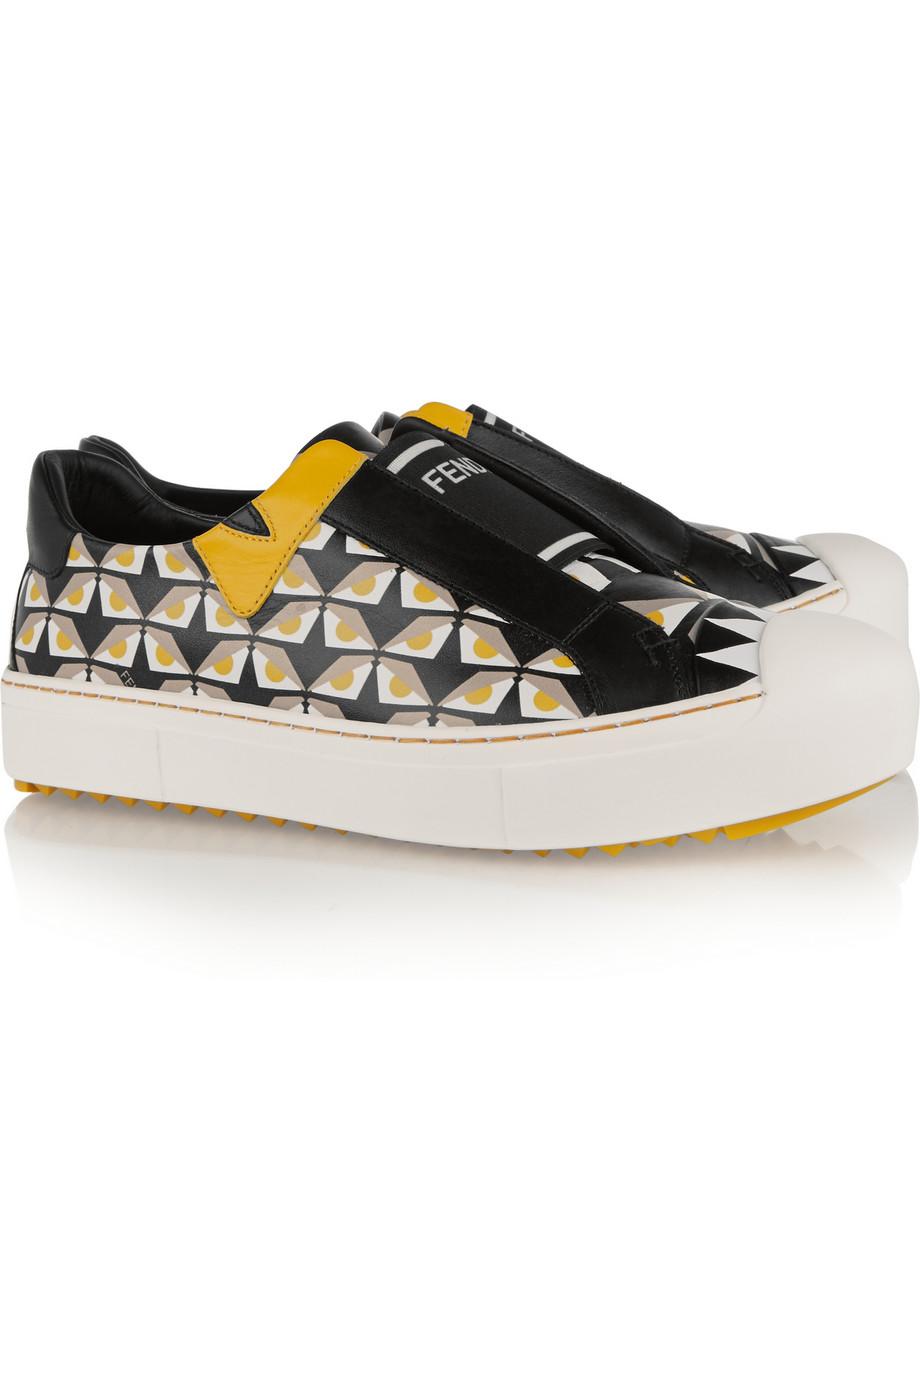 Fendi Printed Sneaker